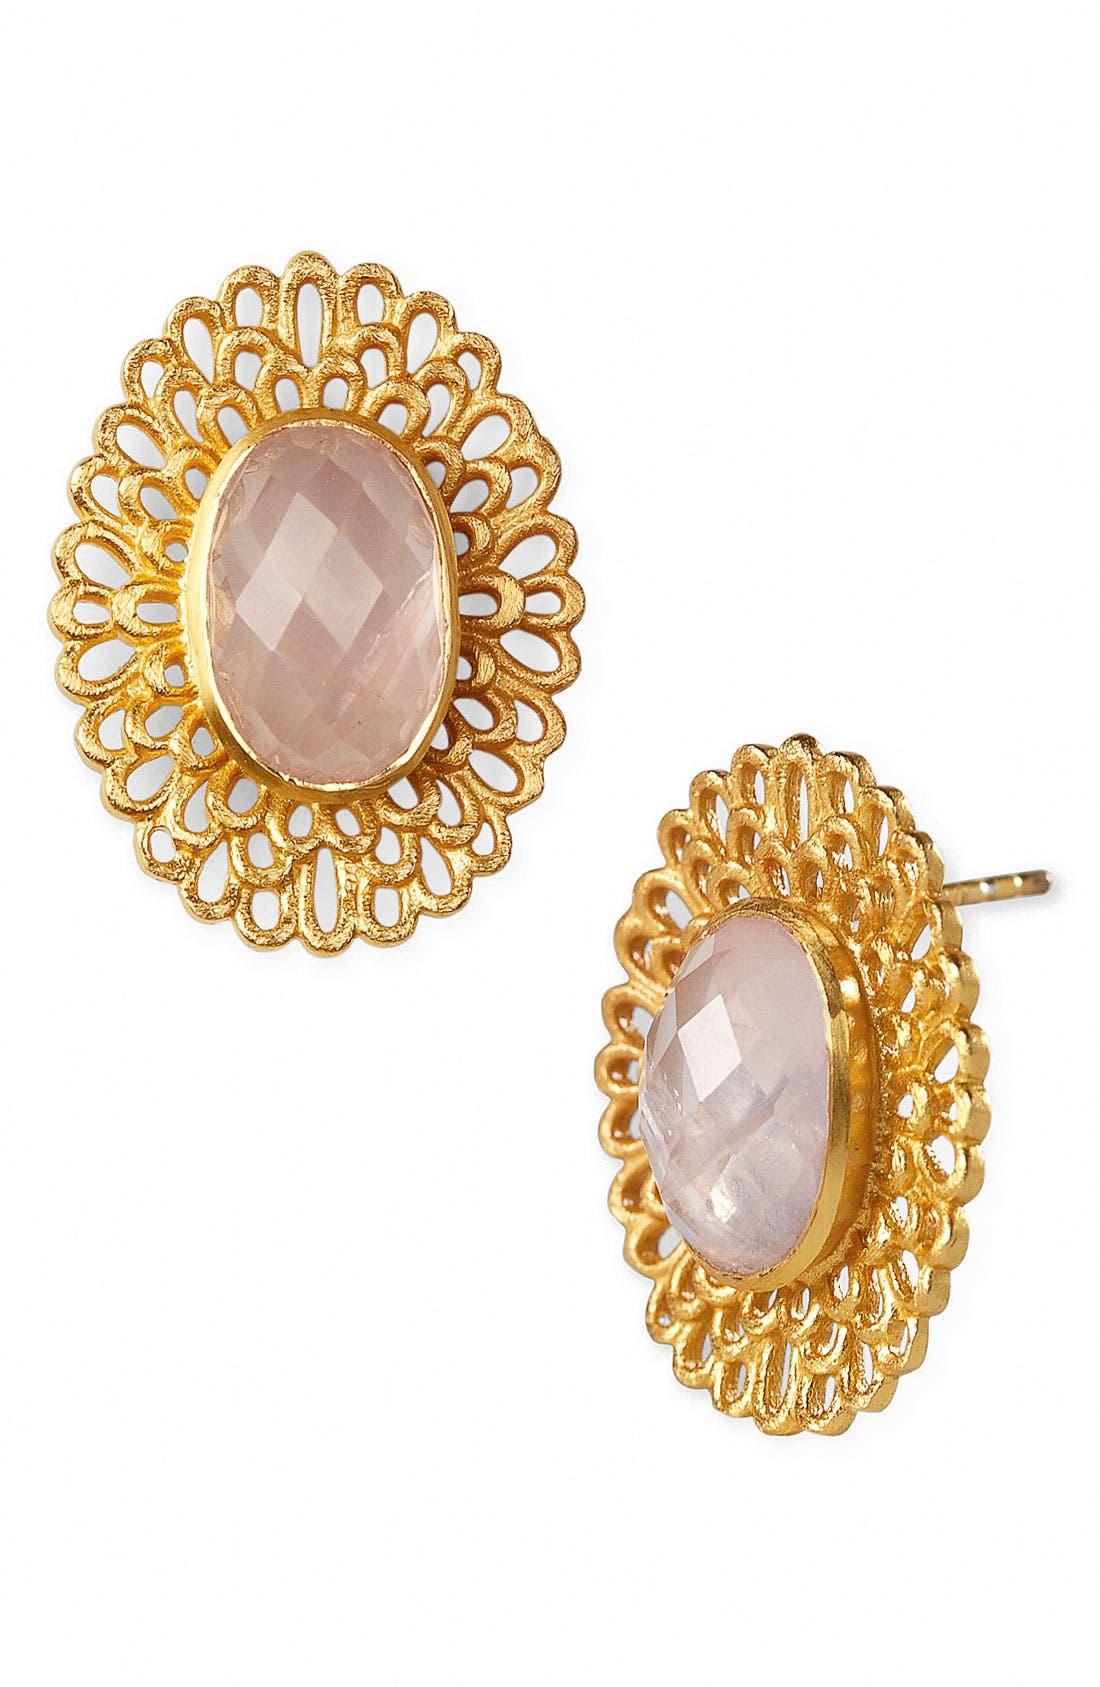 Alternate Image 1 Selected - Argento Vivo 'Garden' Oval Stone Stud Earrings